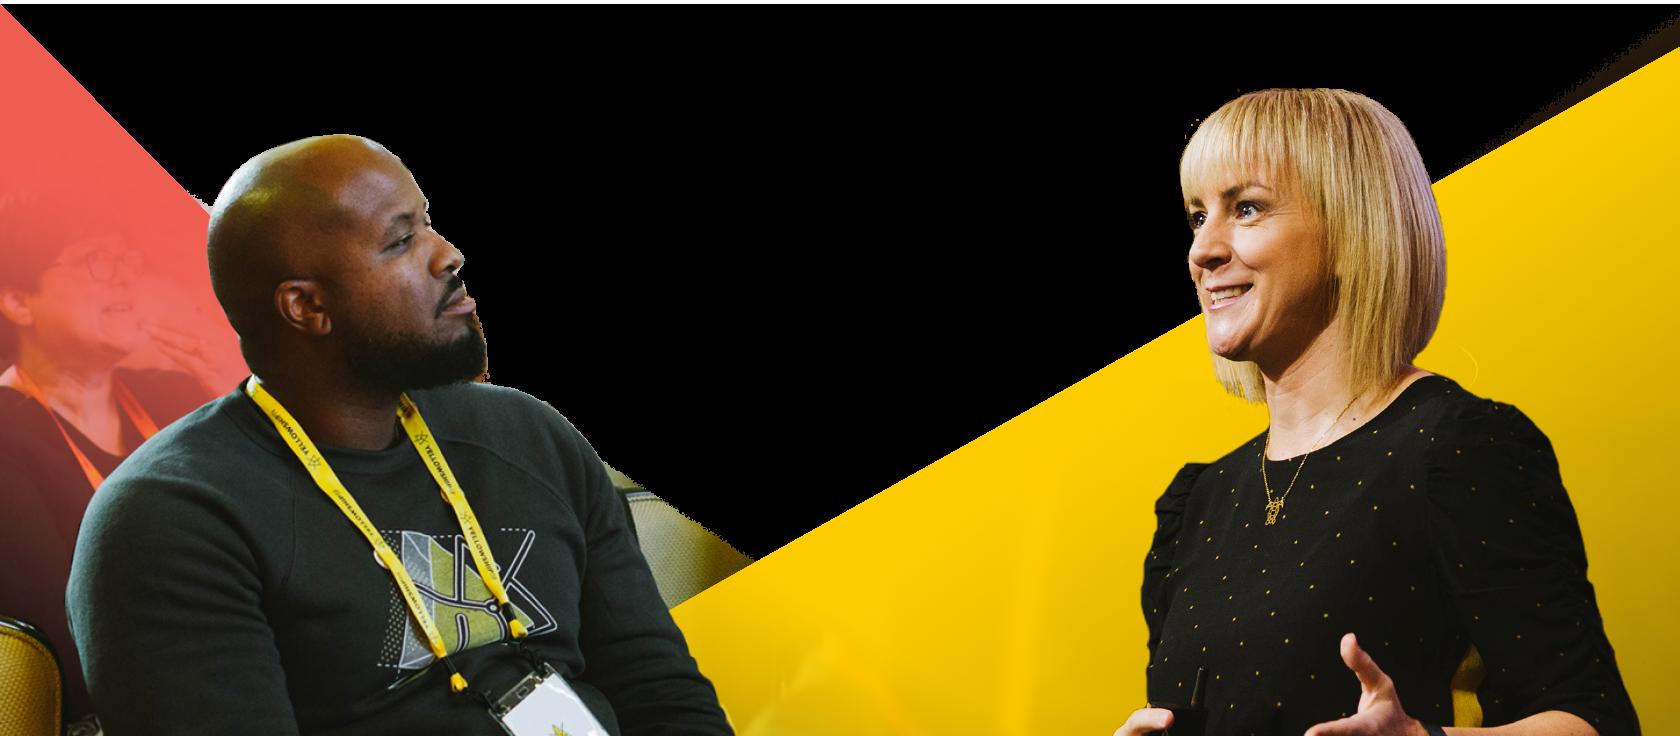 Yellowship speakers presenting